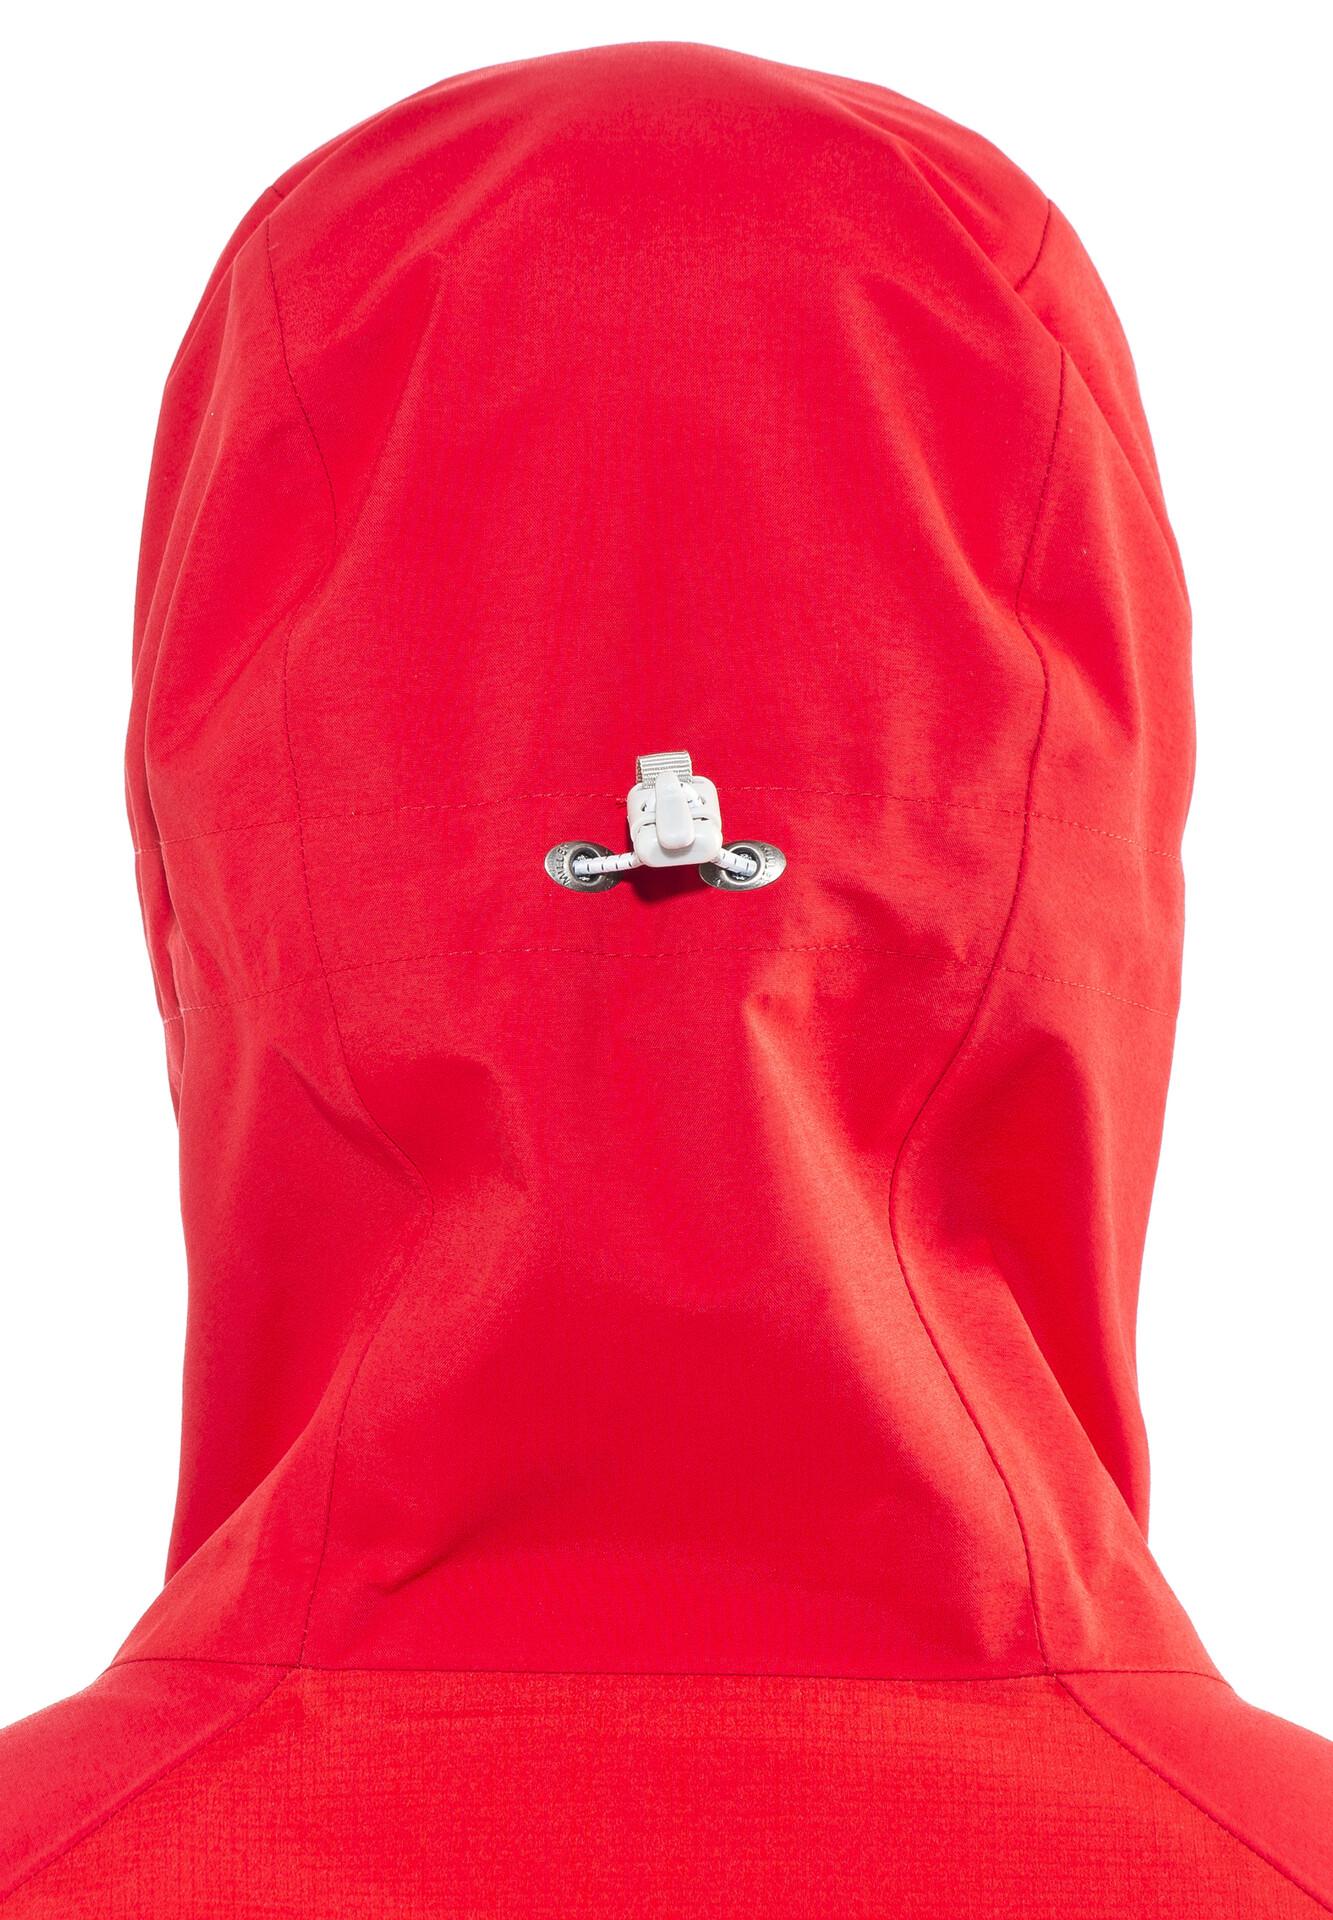 Homme Campz Veste Jungfrau Sur Rouge Gtx Millet tBw40t